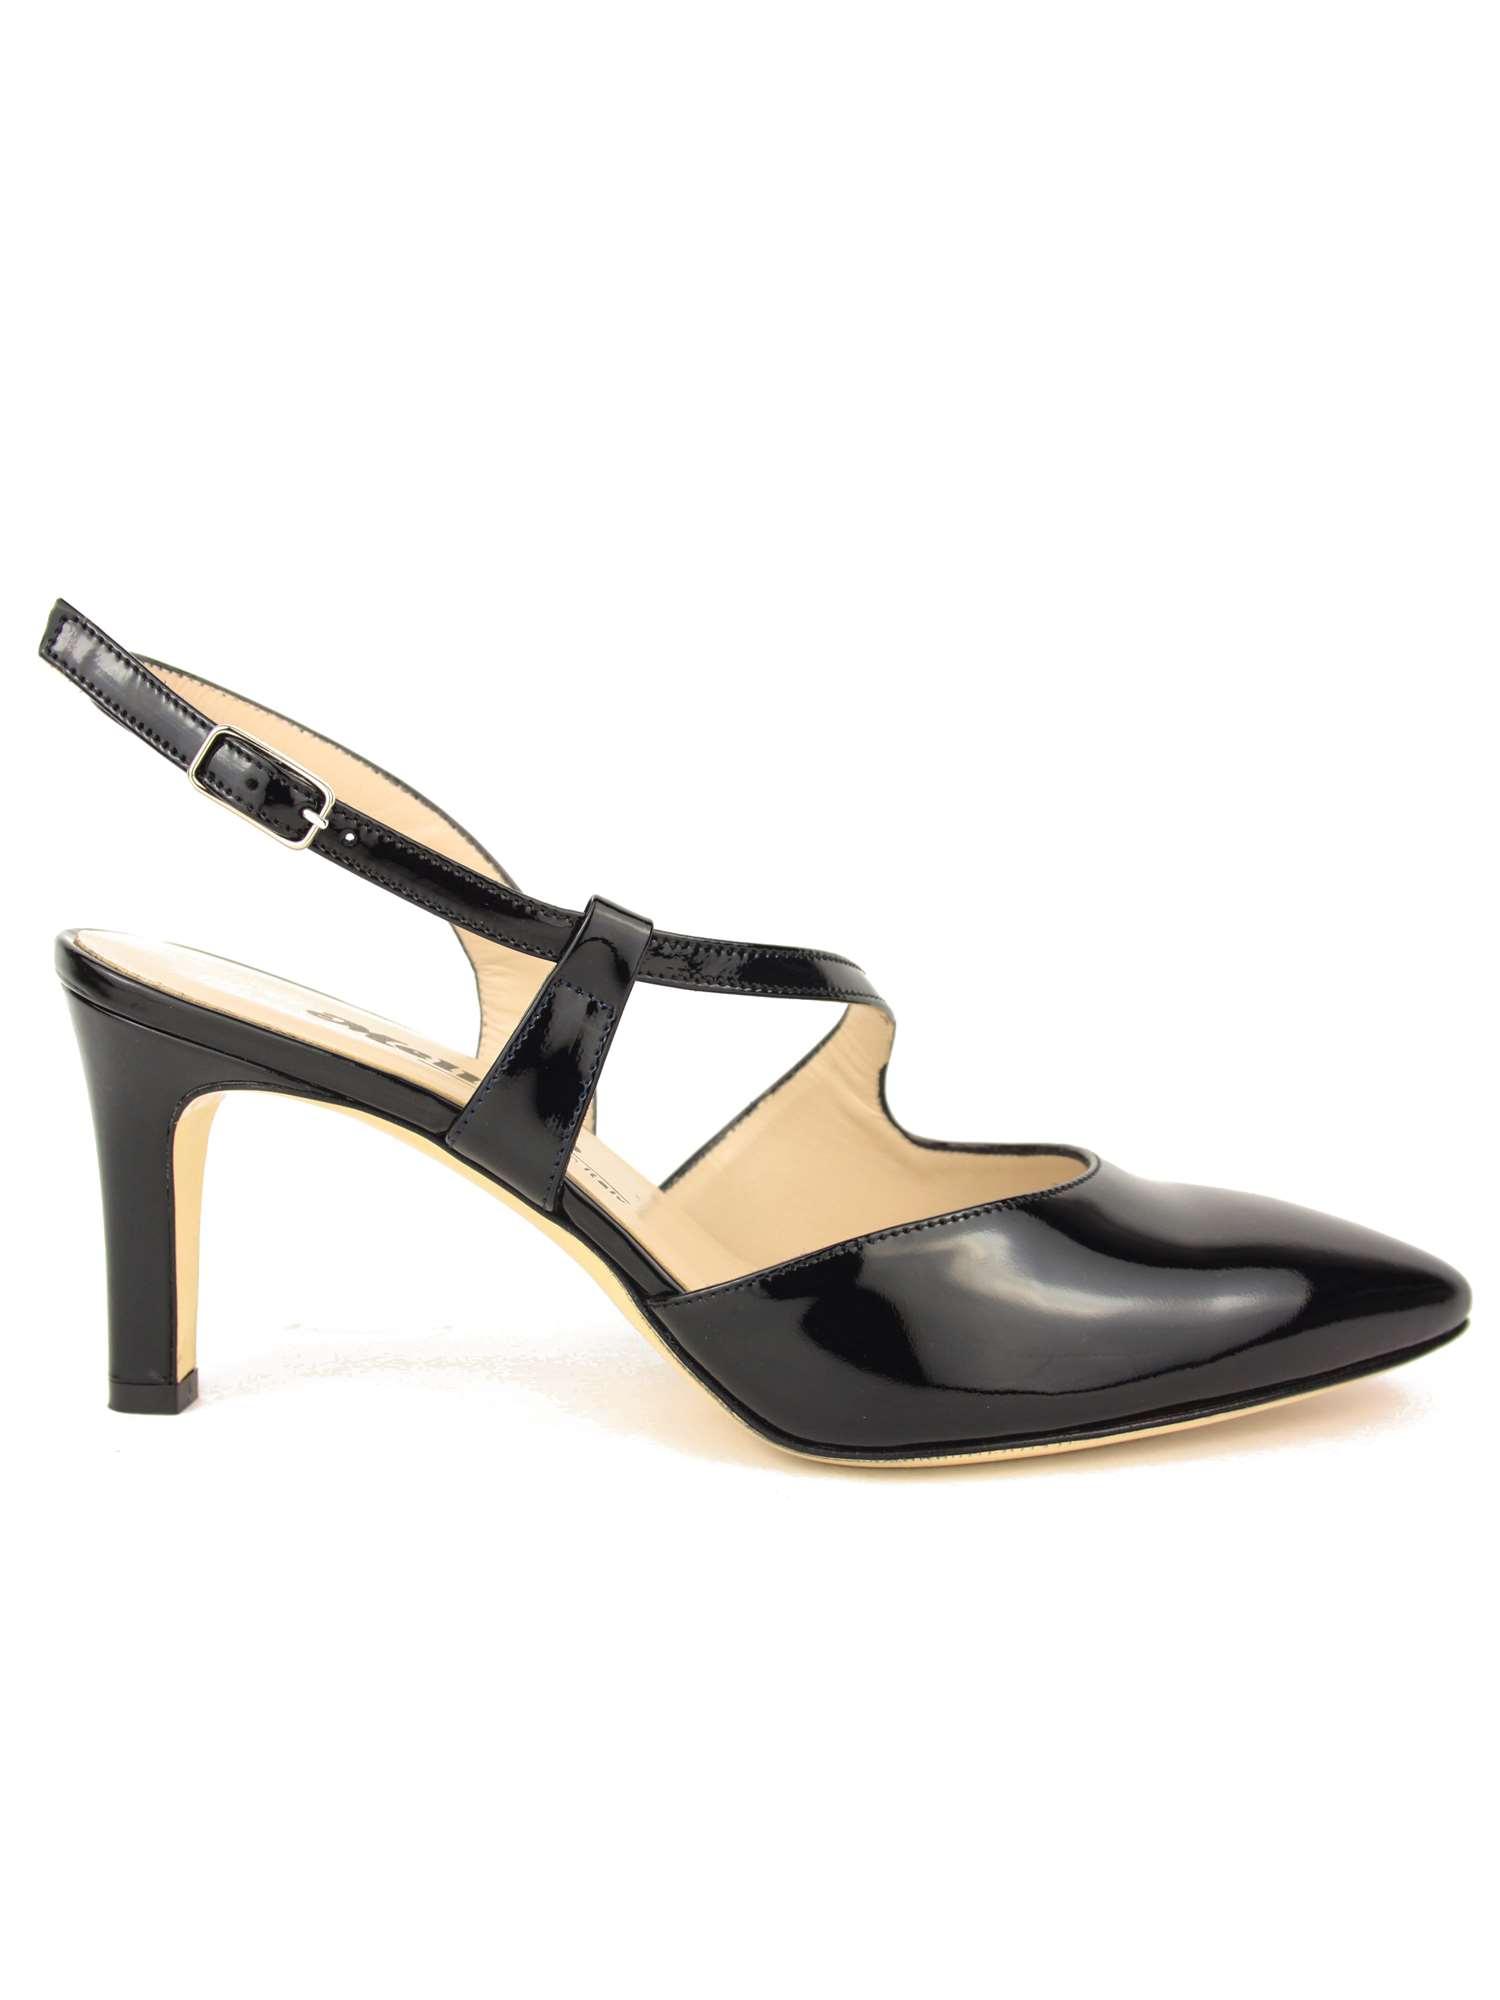 17cdad3c3d Melluso Chanel Nero | Chanel Donna Vernice | Tania Calzature Bari